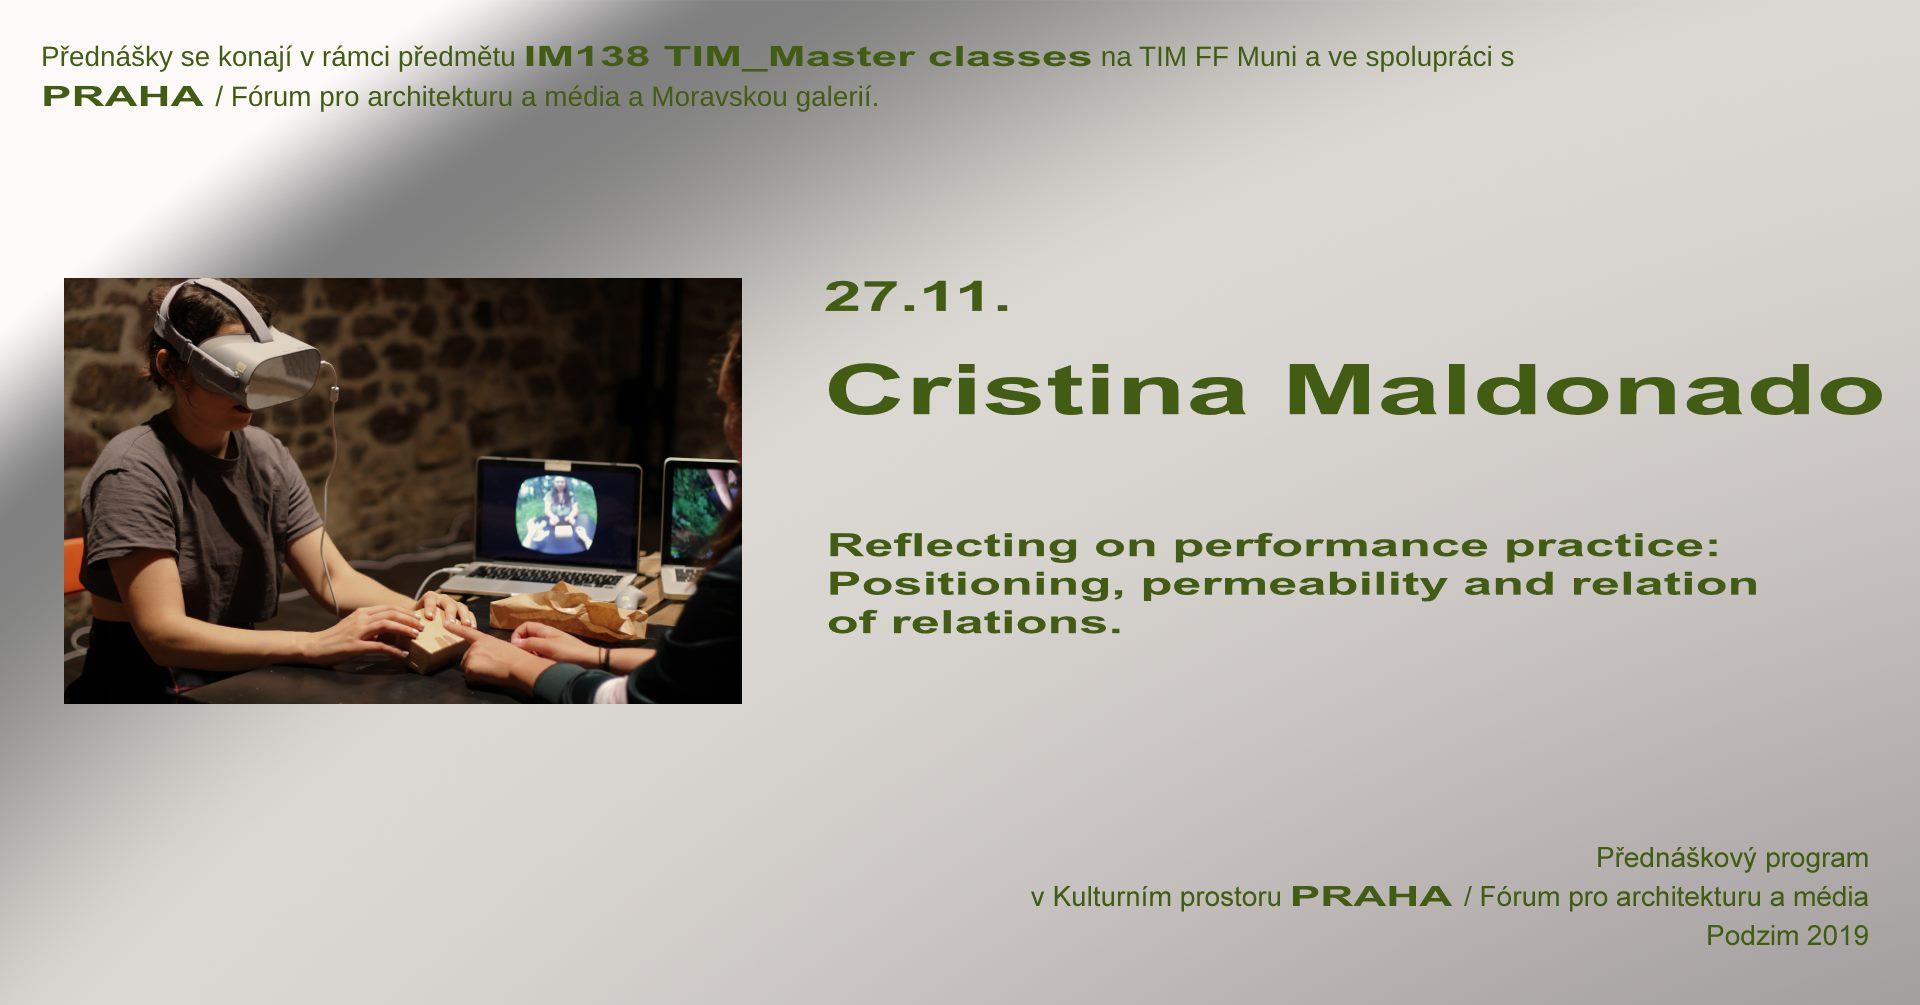 ST / 27.11. / 19.00 / TIM Master class: Cristina Maldonado / přednáška, diskuse